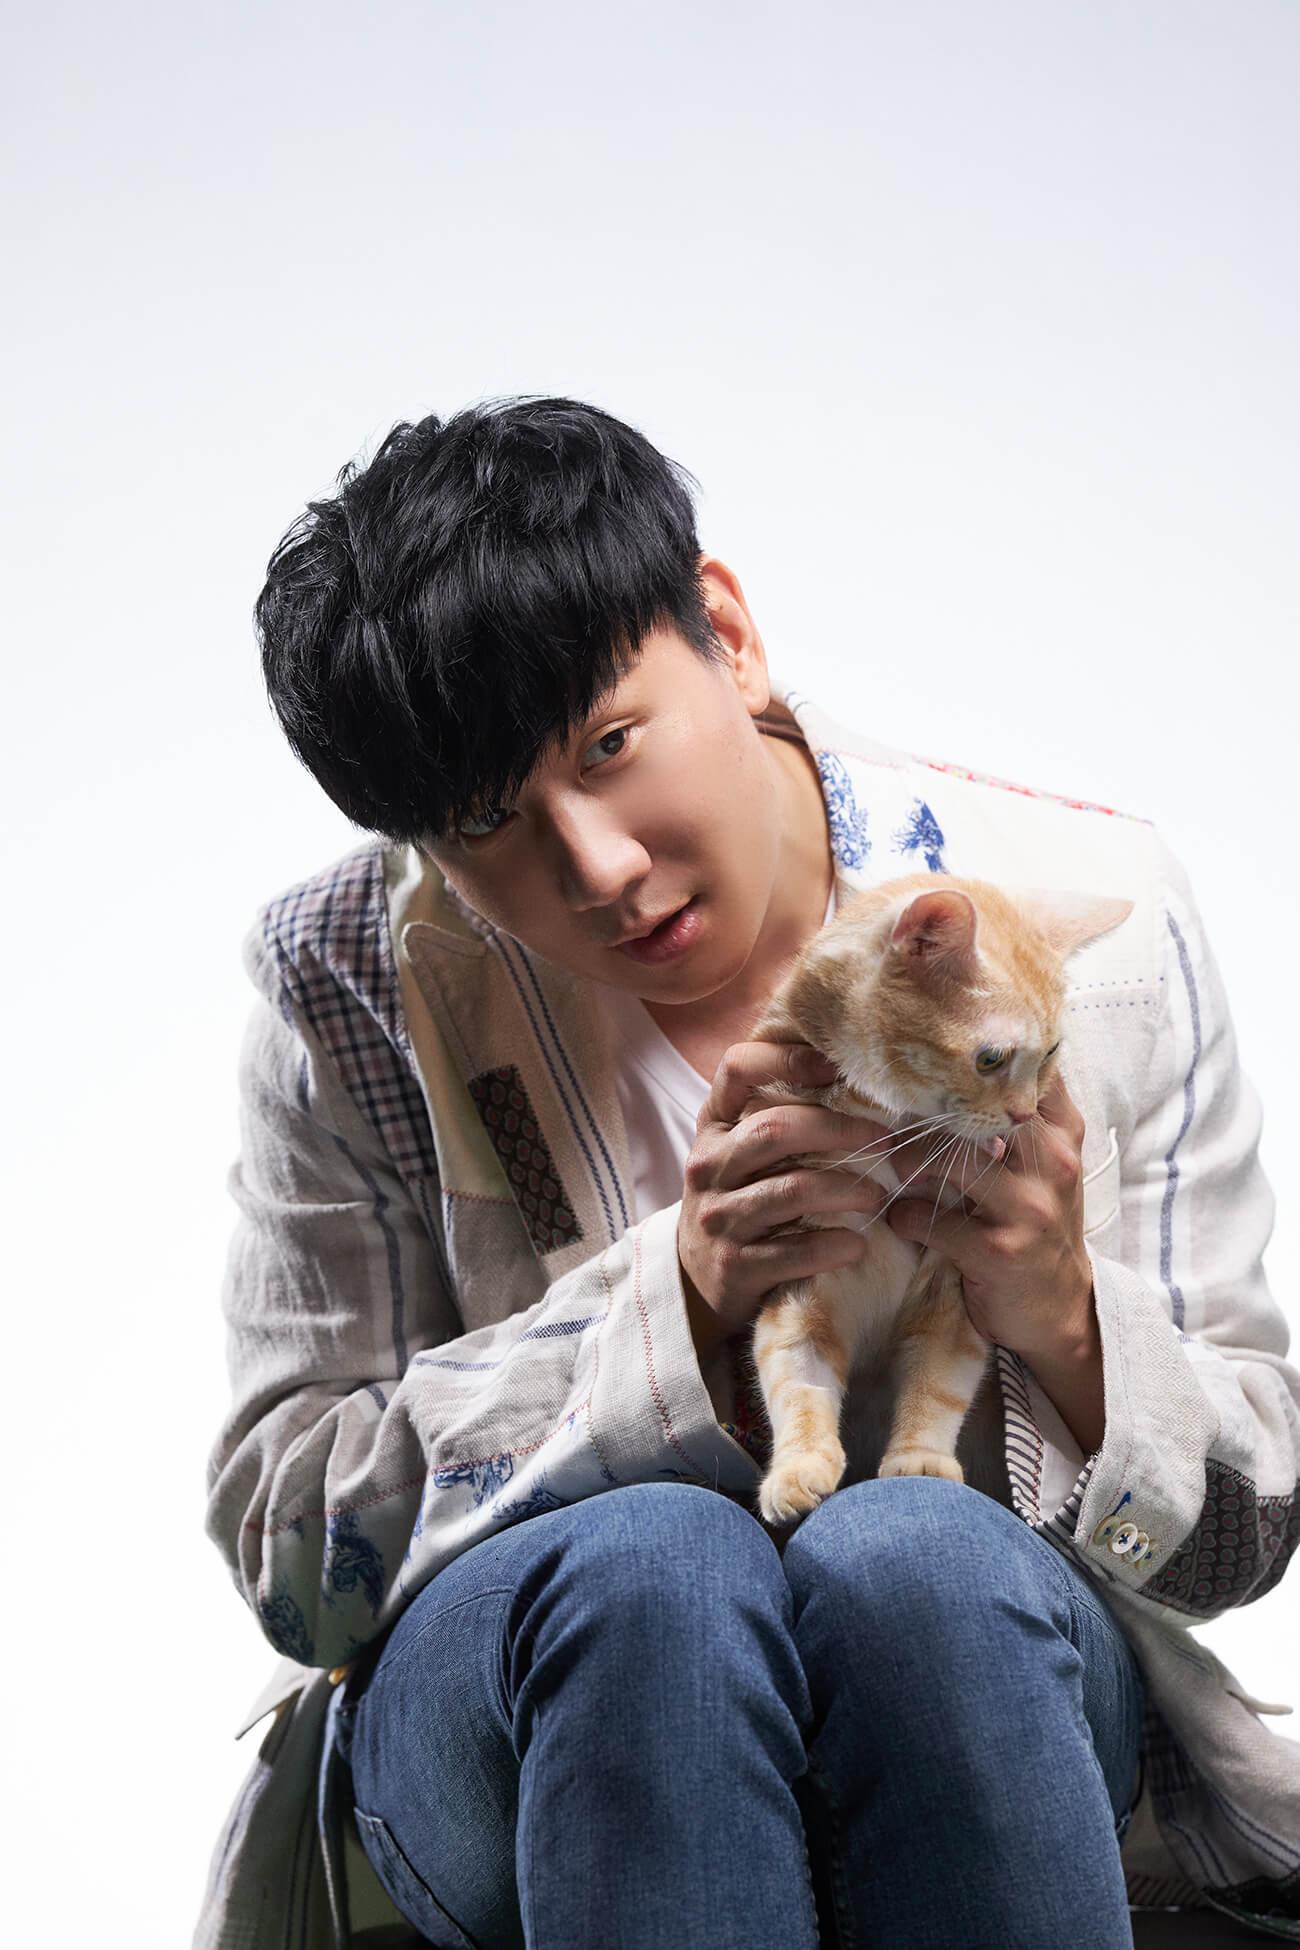 林俊傑「與貓對戲成貓奴」 現場融化:要多相處一點!